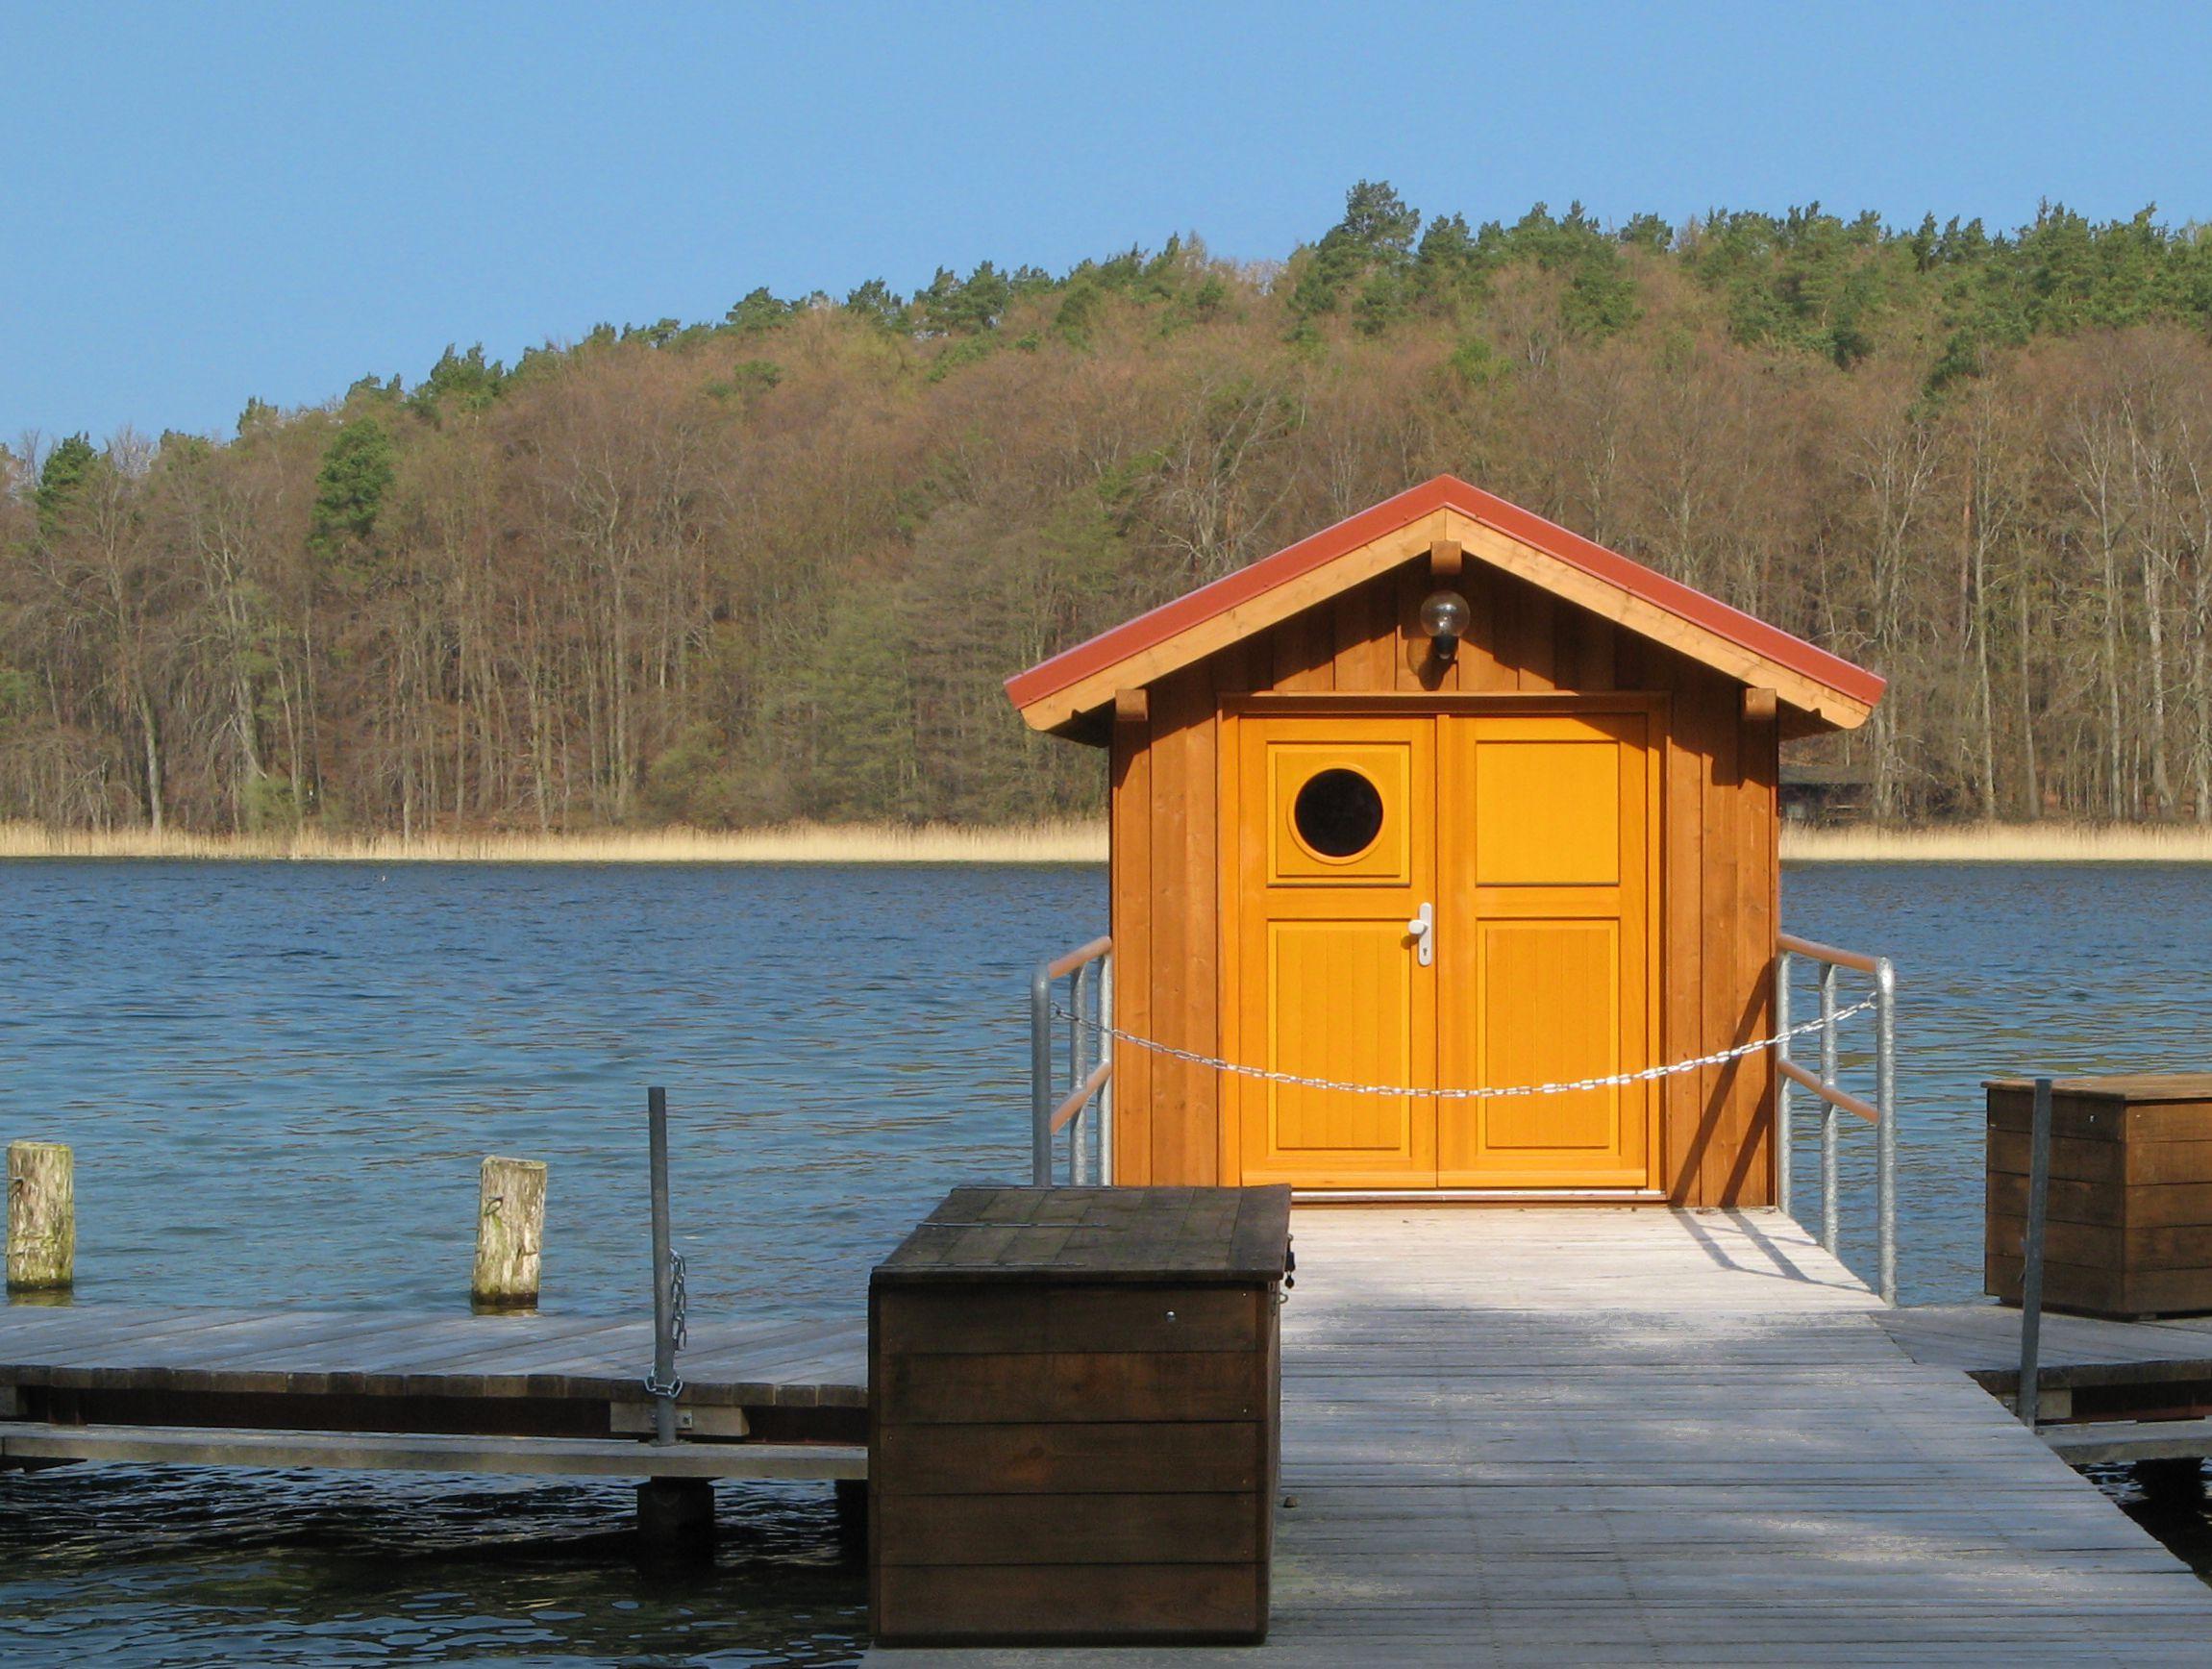 Hütte am See - Quelle: WikiCommons, Details am Ende des Artikels